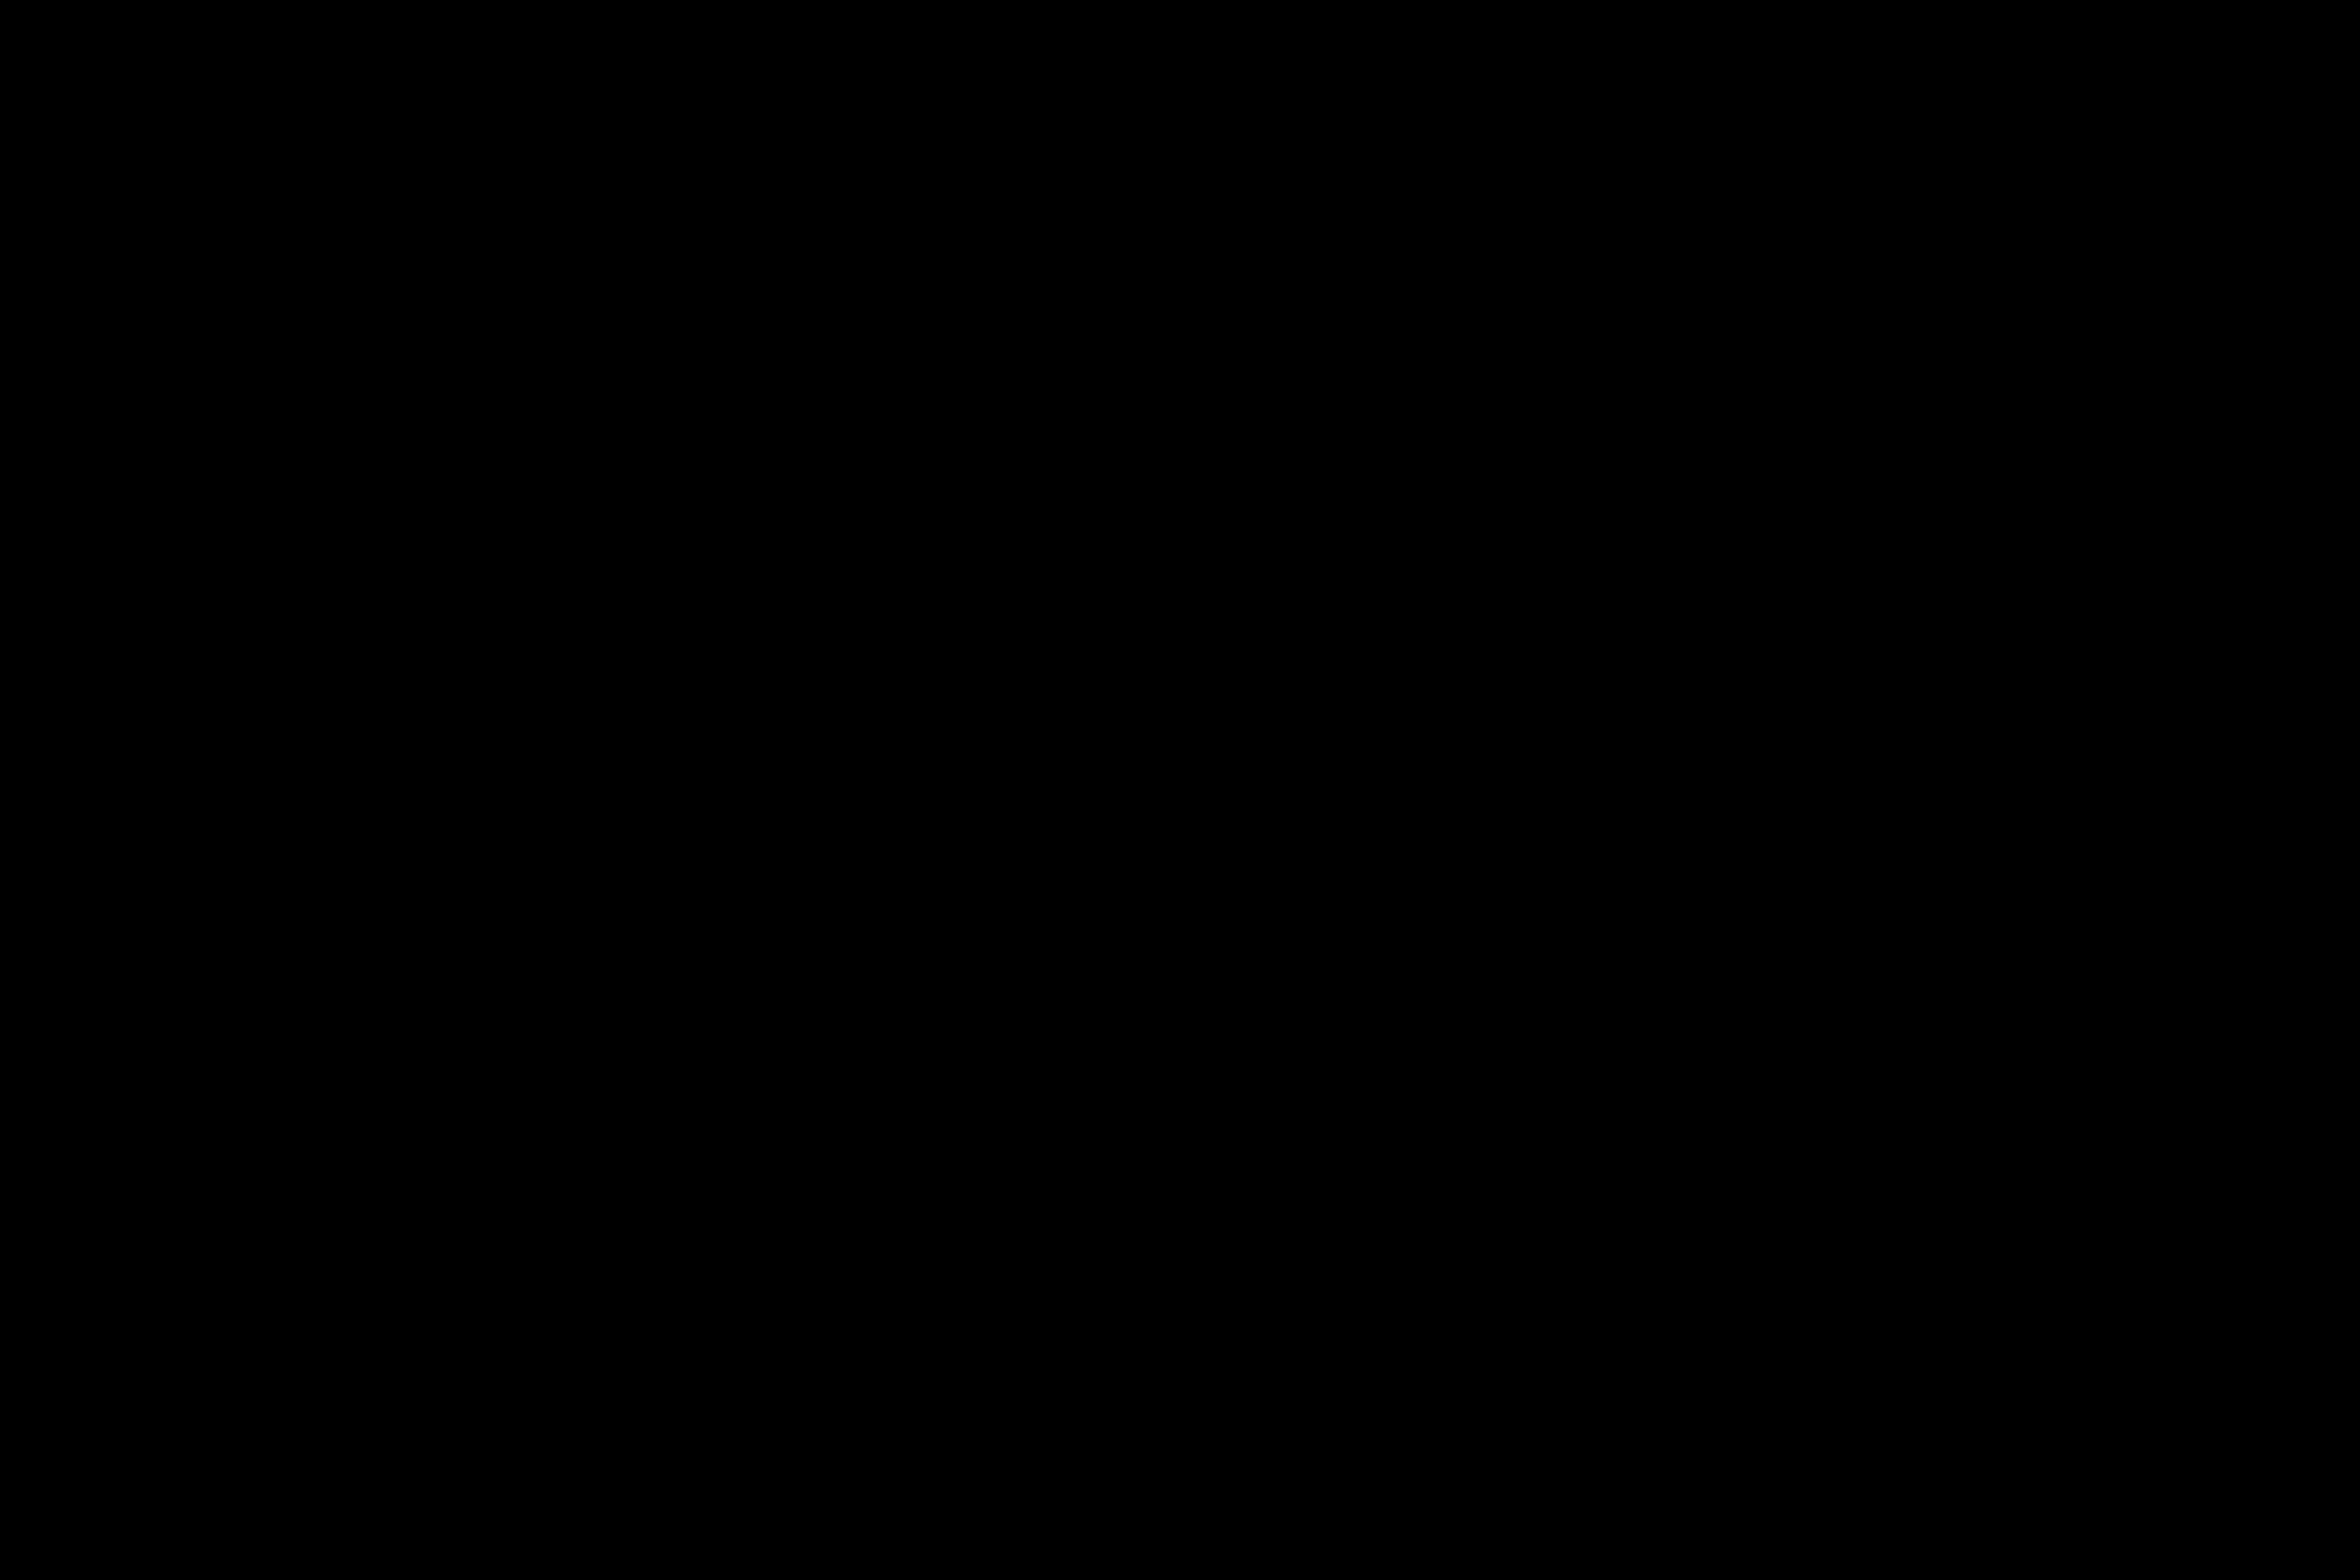 Xsens_TechViz VR software_Car position_low res